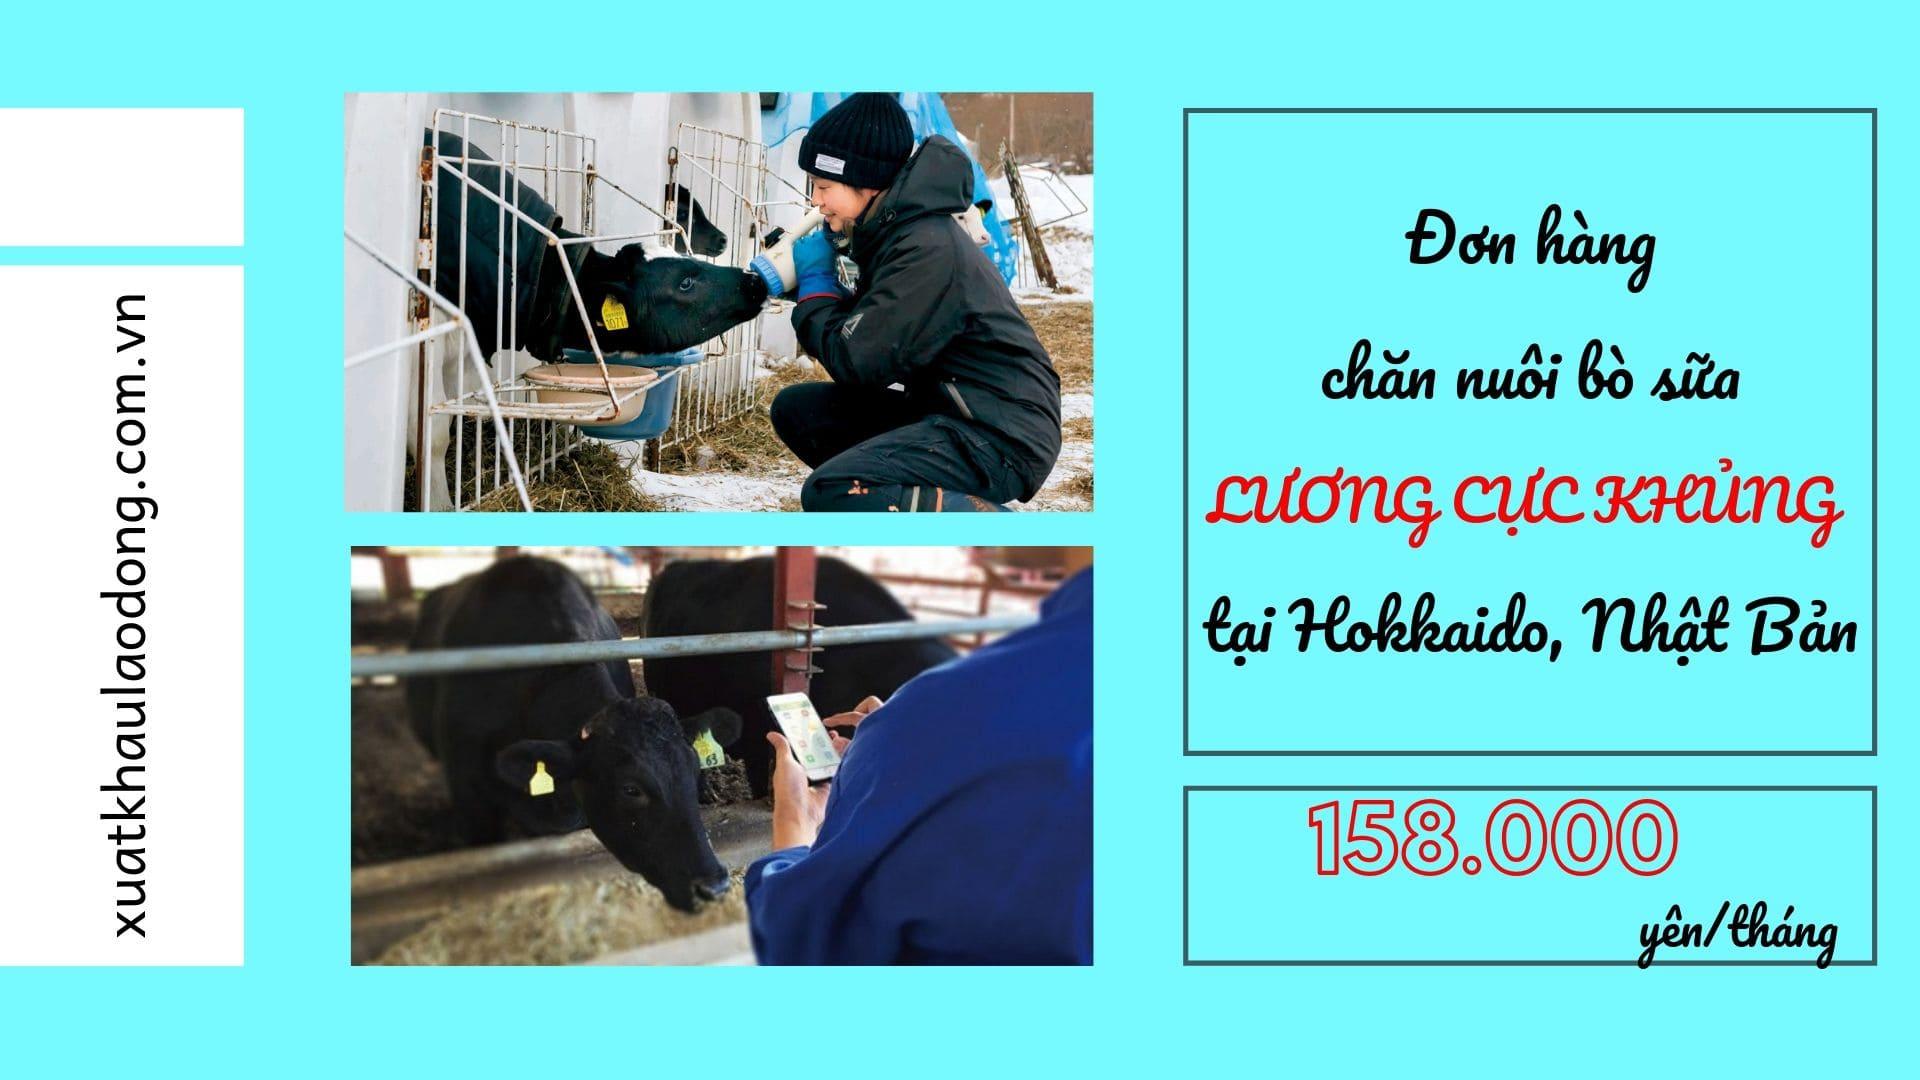 Đơn hàng chăn nuôi bò sữa LƯƠNG CỰC KHỦNG tại Hokkaido, Nhật Bản